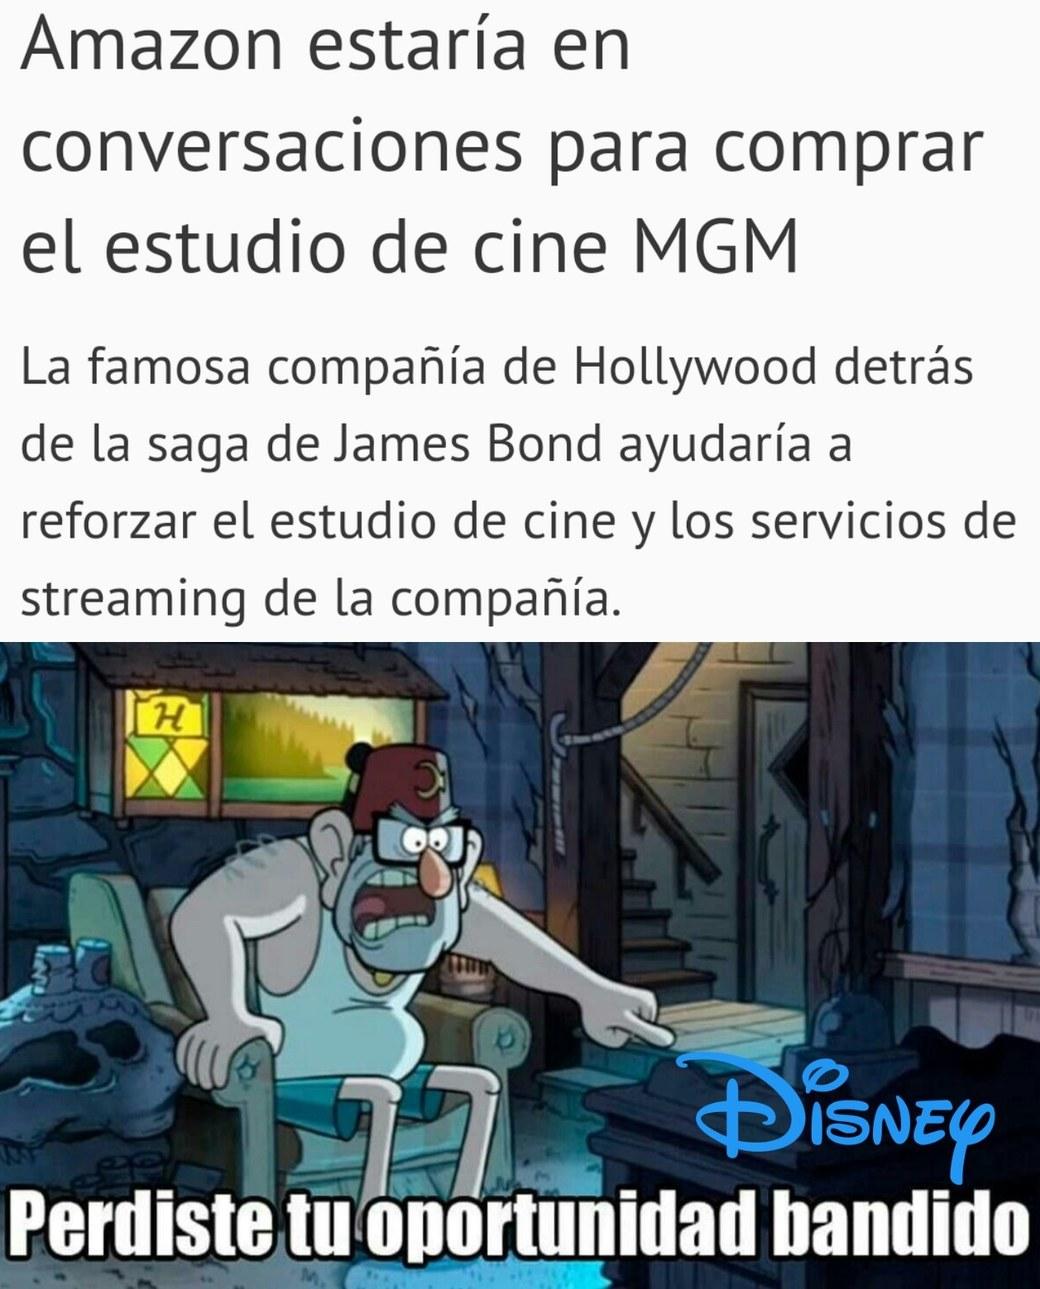 Al menos no lo va a comprar Disney - meme